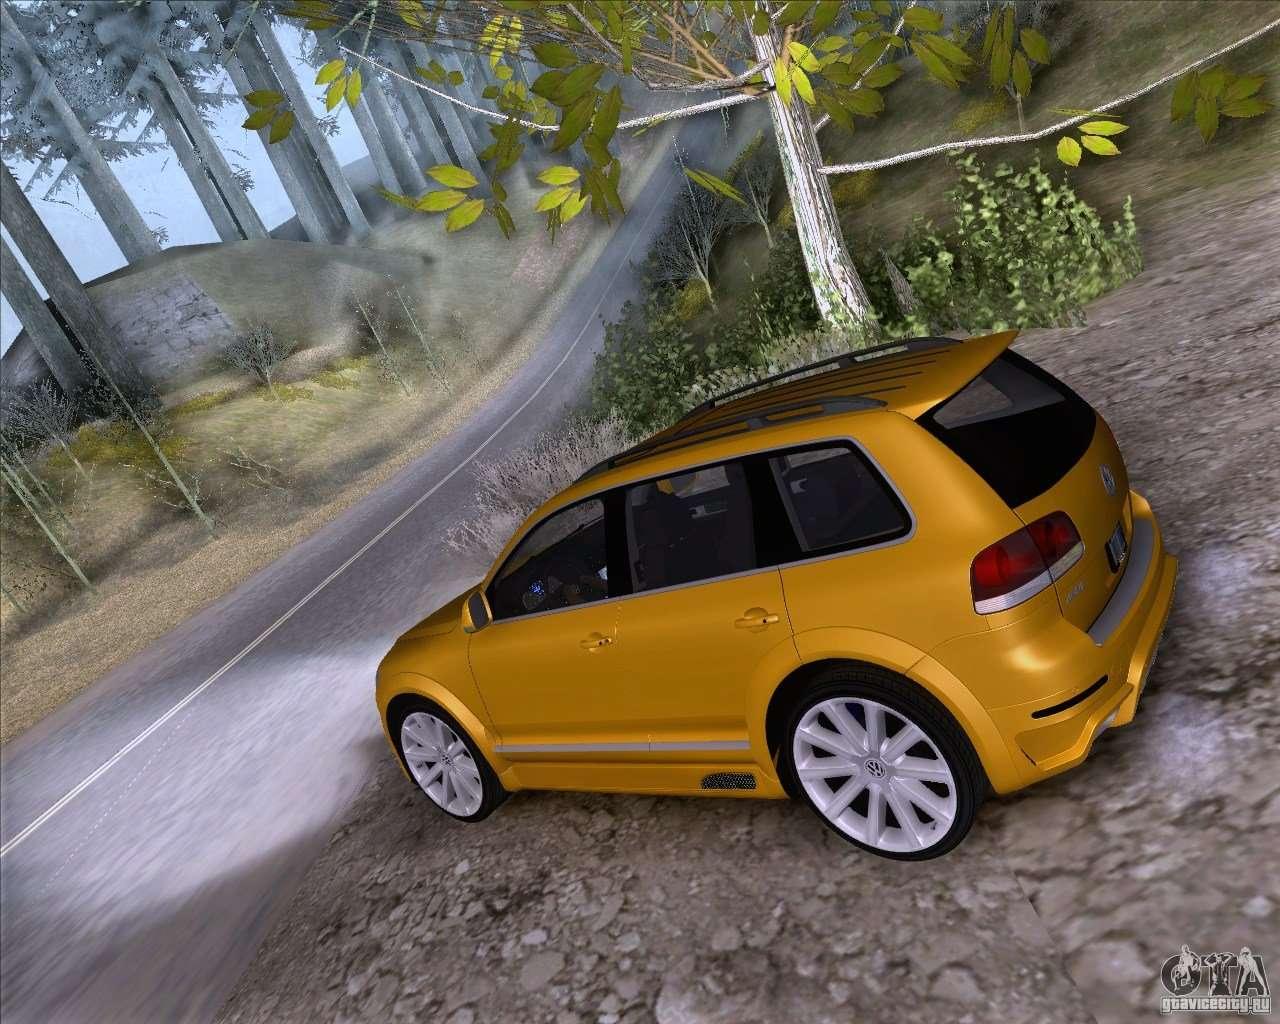 GTA San Andreas Real V2 [ovisebdan] Mod 29704-1356093081-gta-sa2012-12-2116-05-07-91